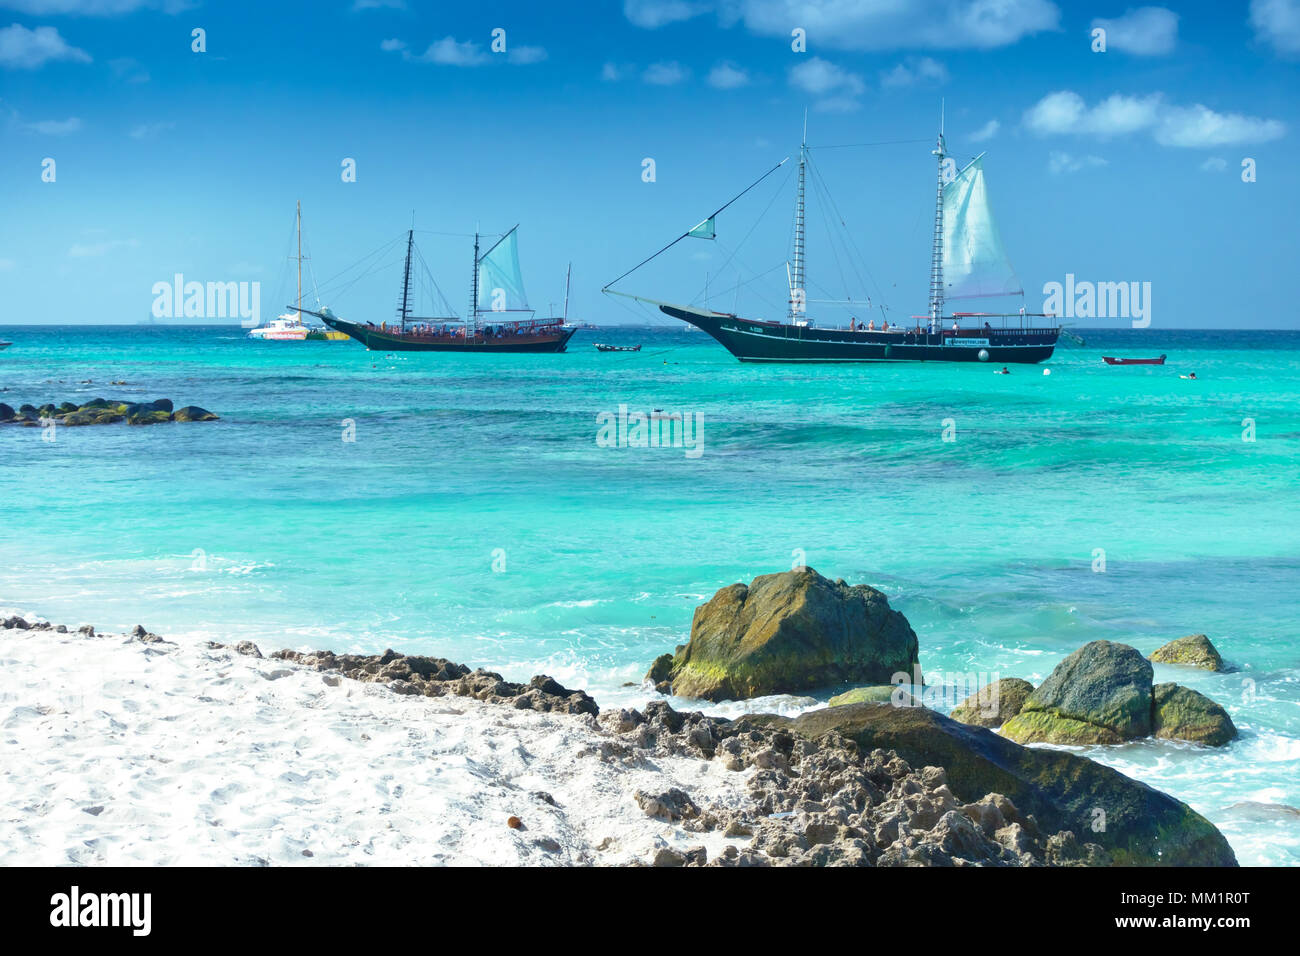 Descubre nuestras ofertas de viajes a Riviera Maya